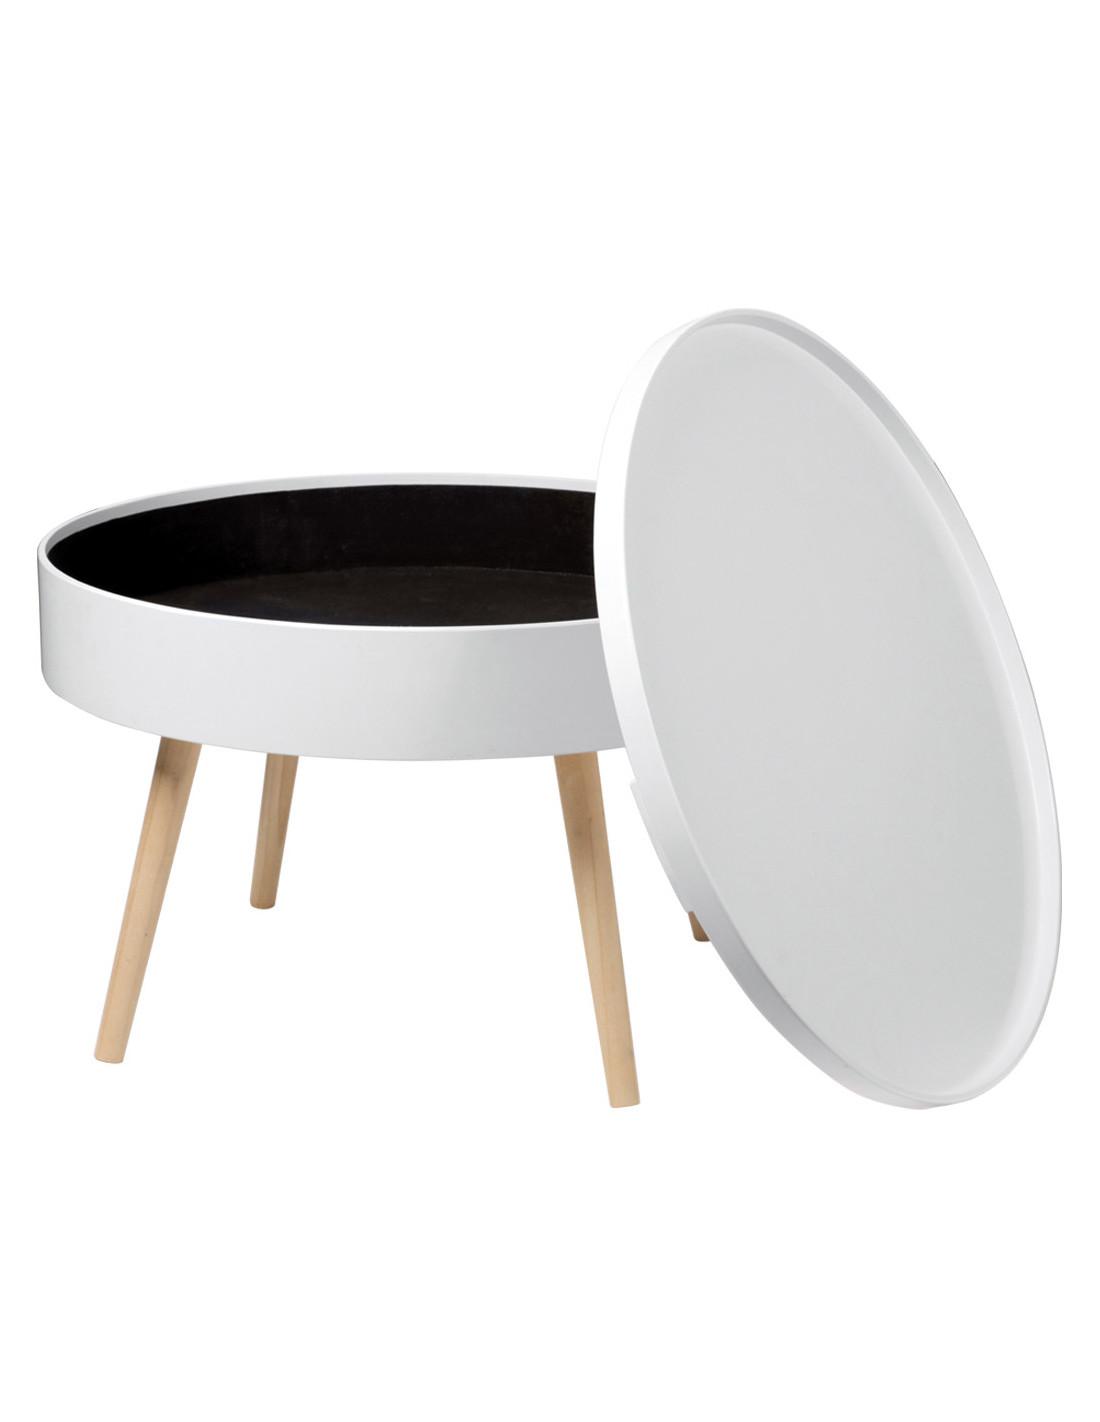 Table Basse Avec Parpaing fornord table basse blanche avec plateau amovible Ø 60 cm x h. 40 cm